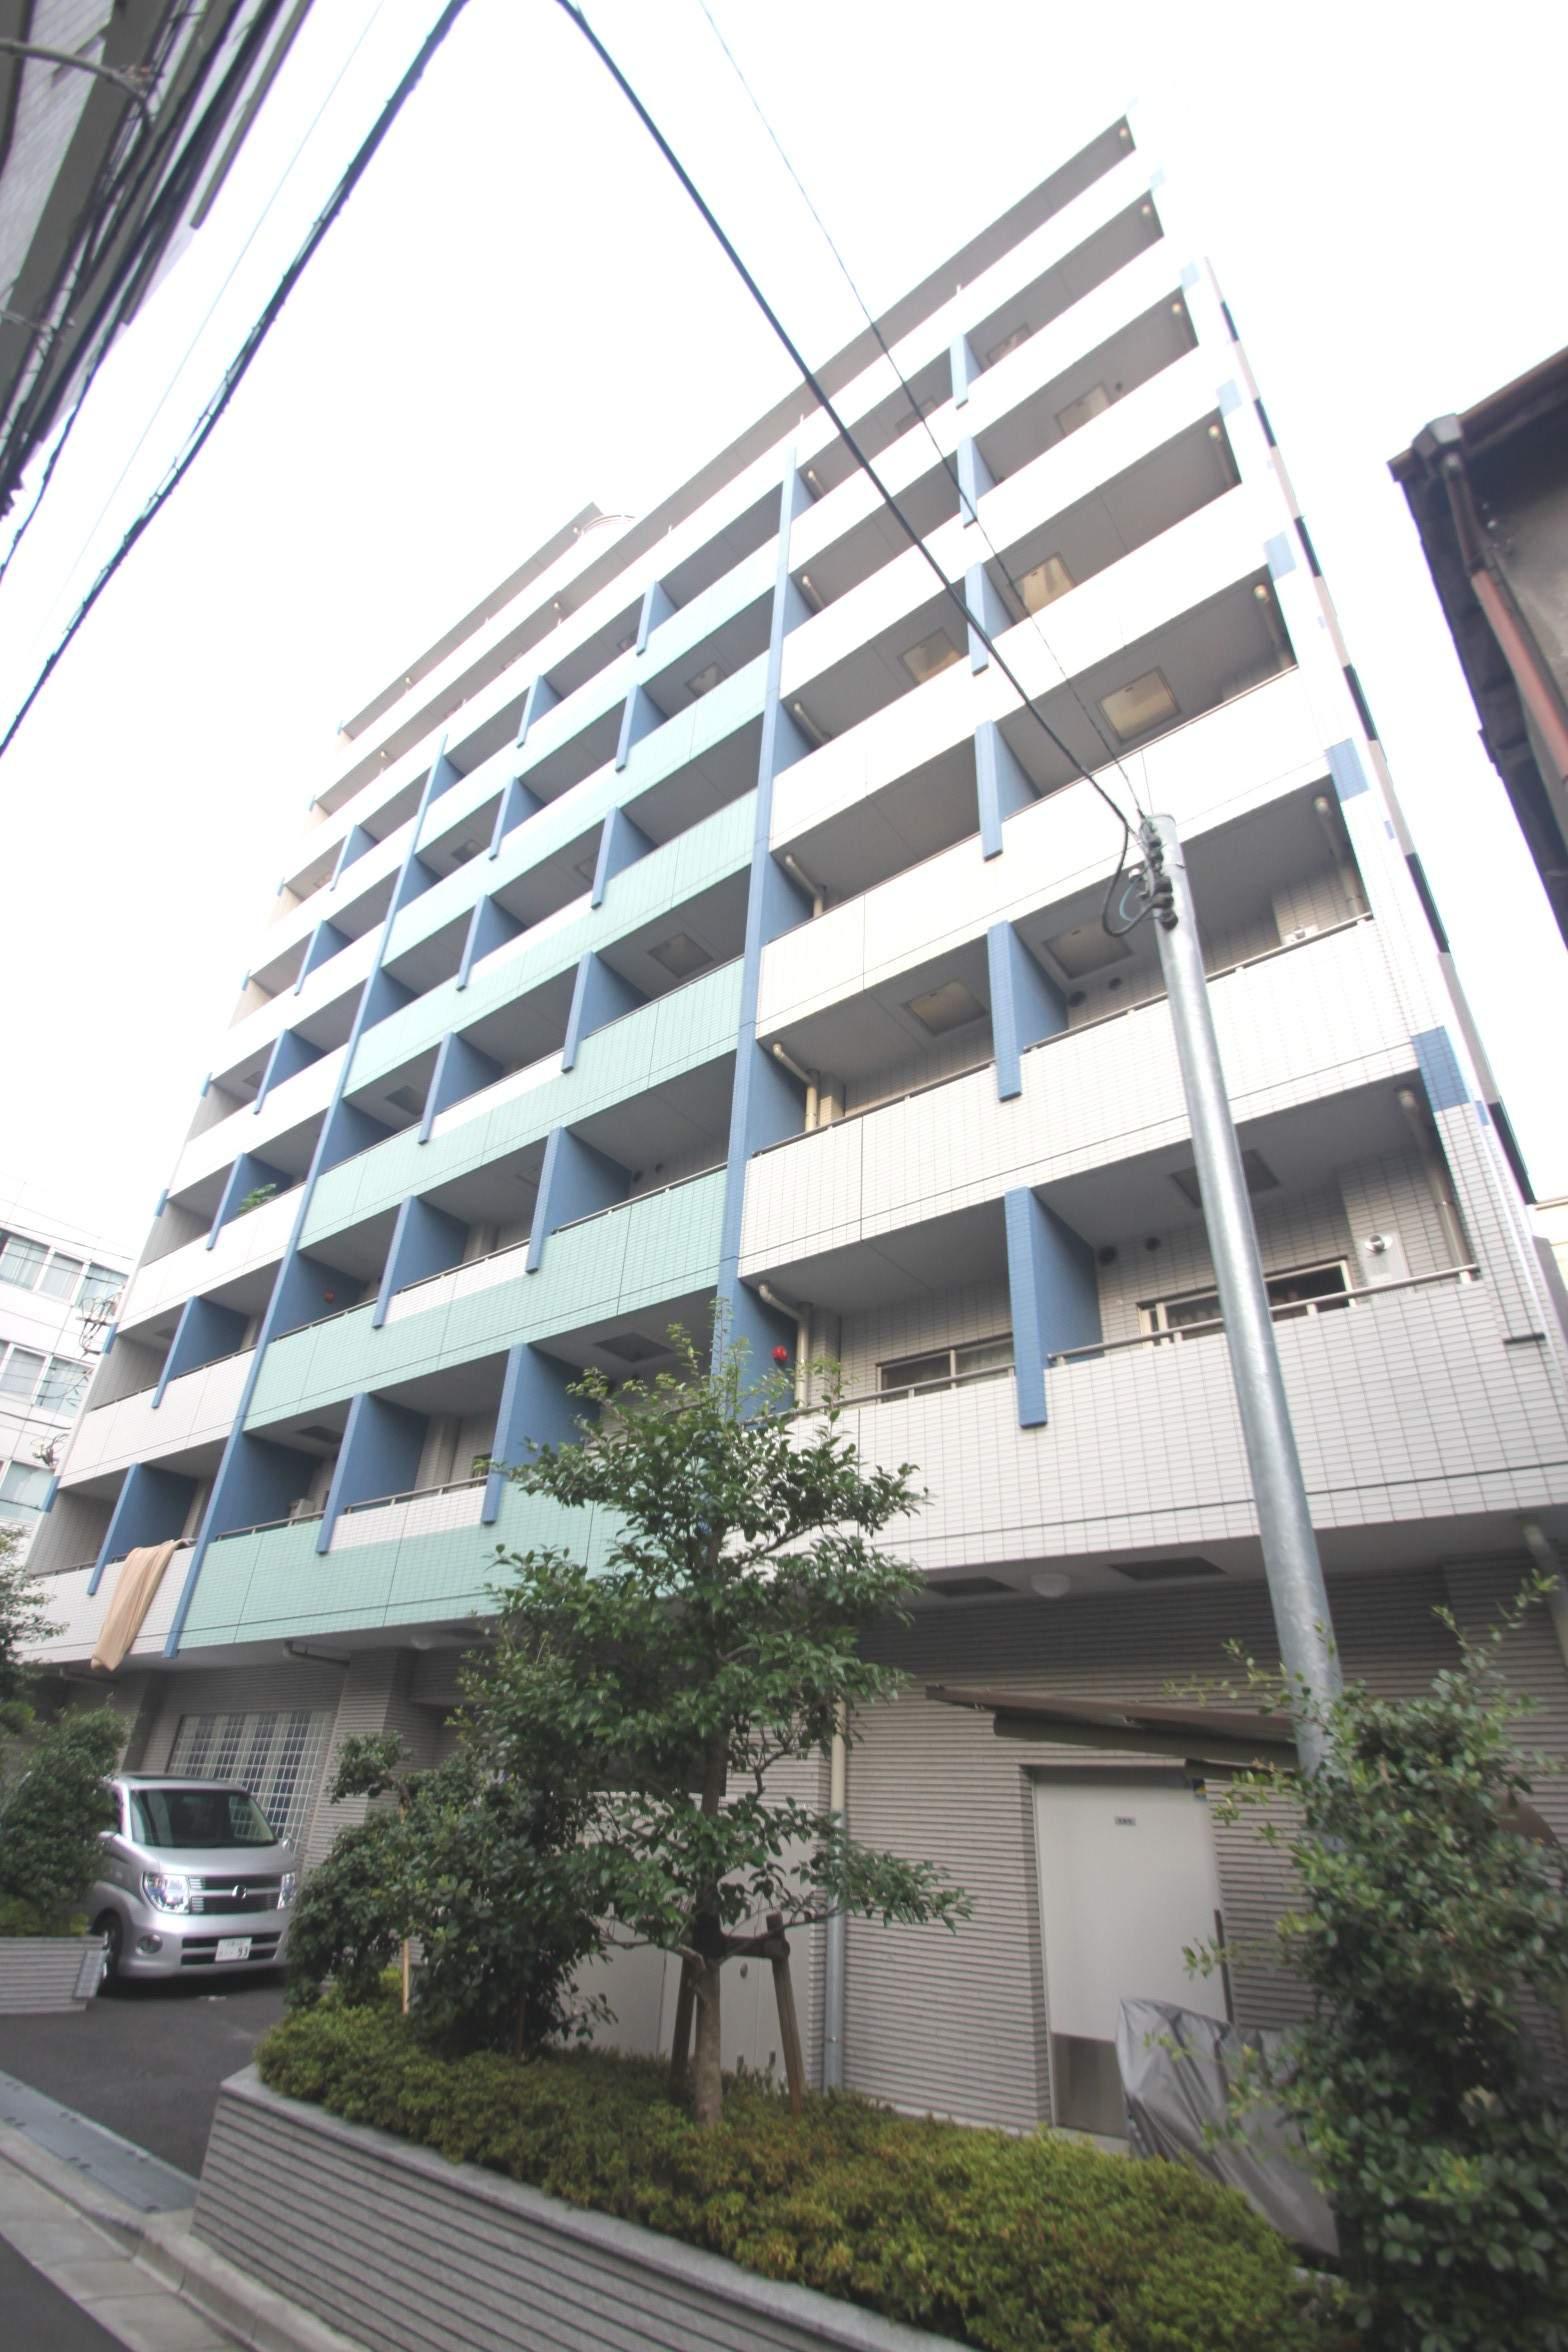 東京都江東区、越中島駅徒歩5分の築10年 9階建の賃貸マンション